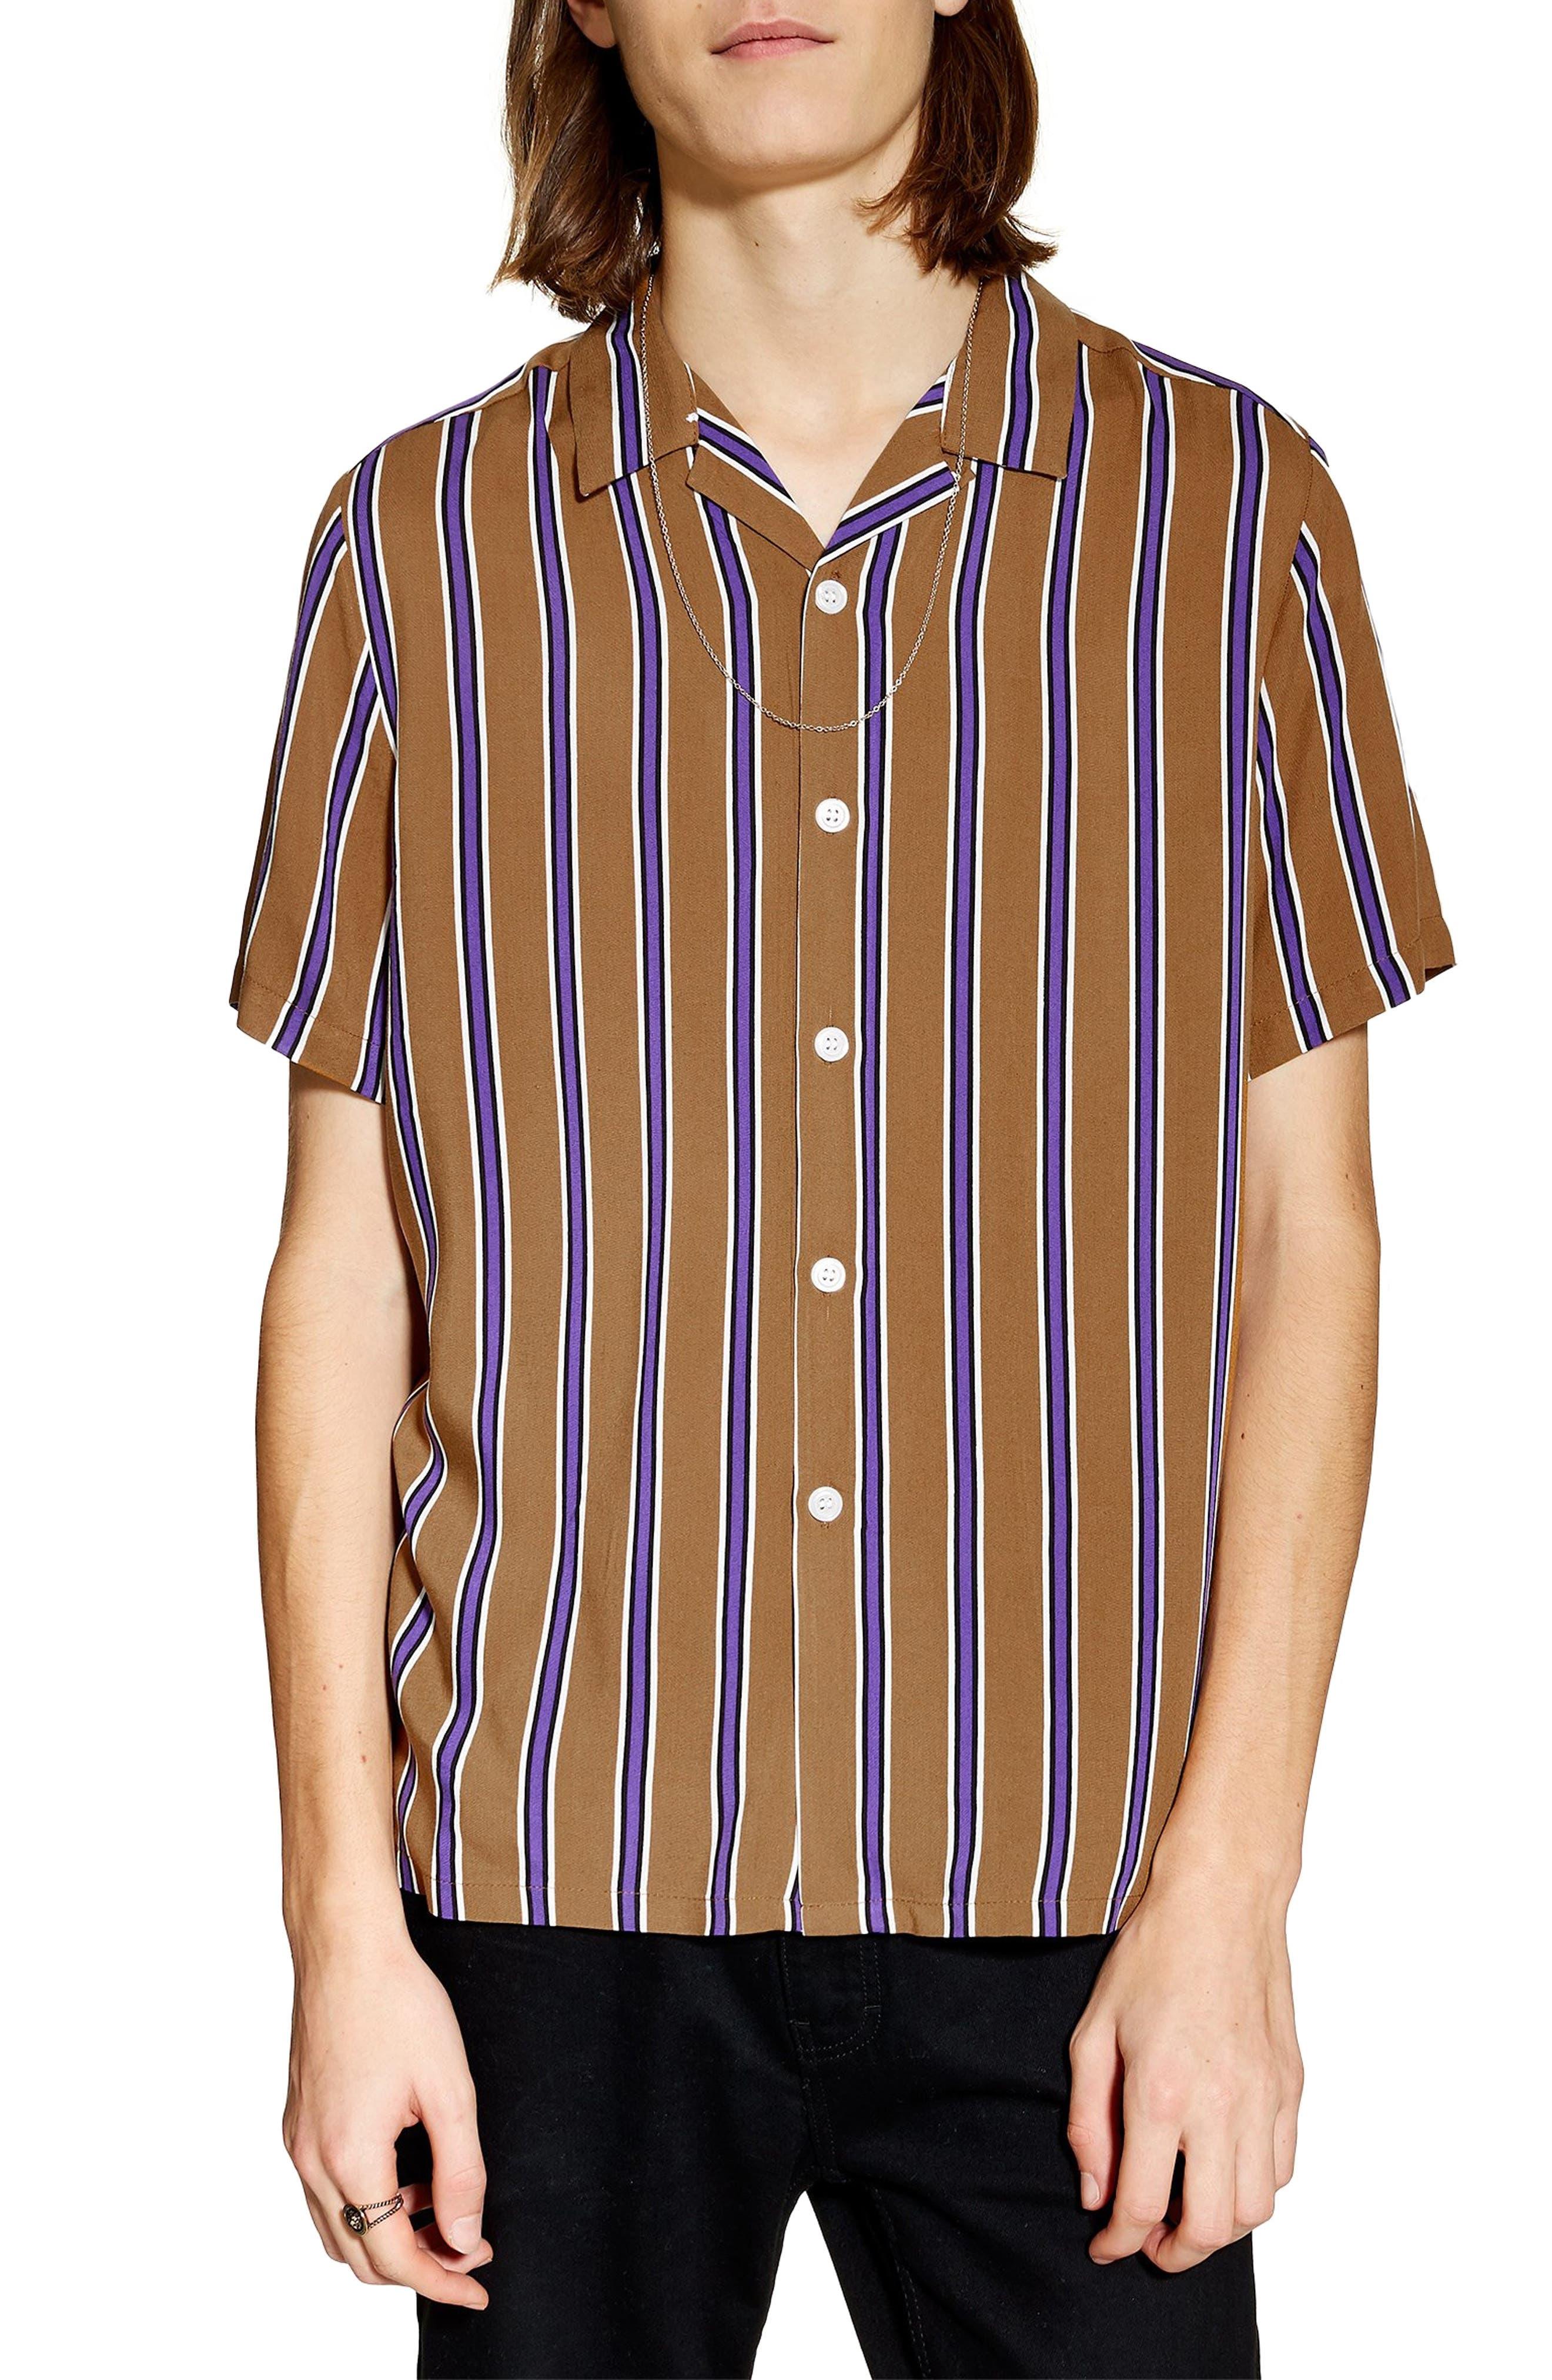 TOPMAN Stripe Revere Collar Camp Shirt, Main, color, BROWN MULTI